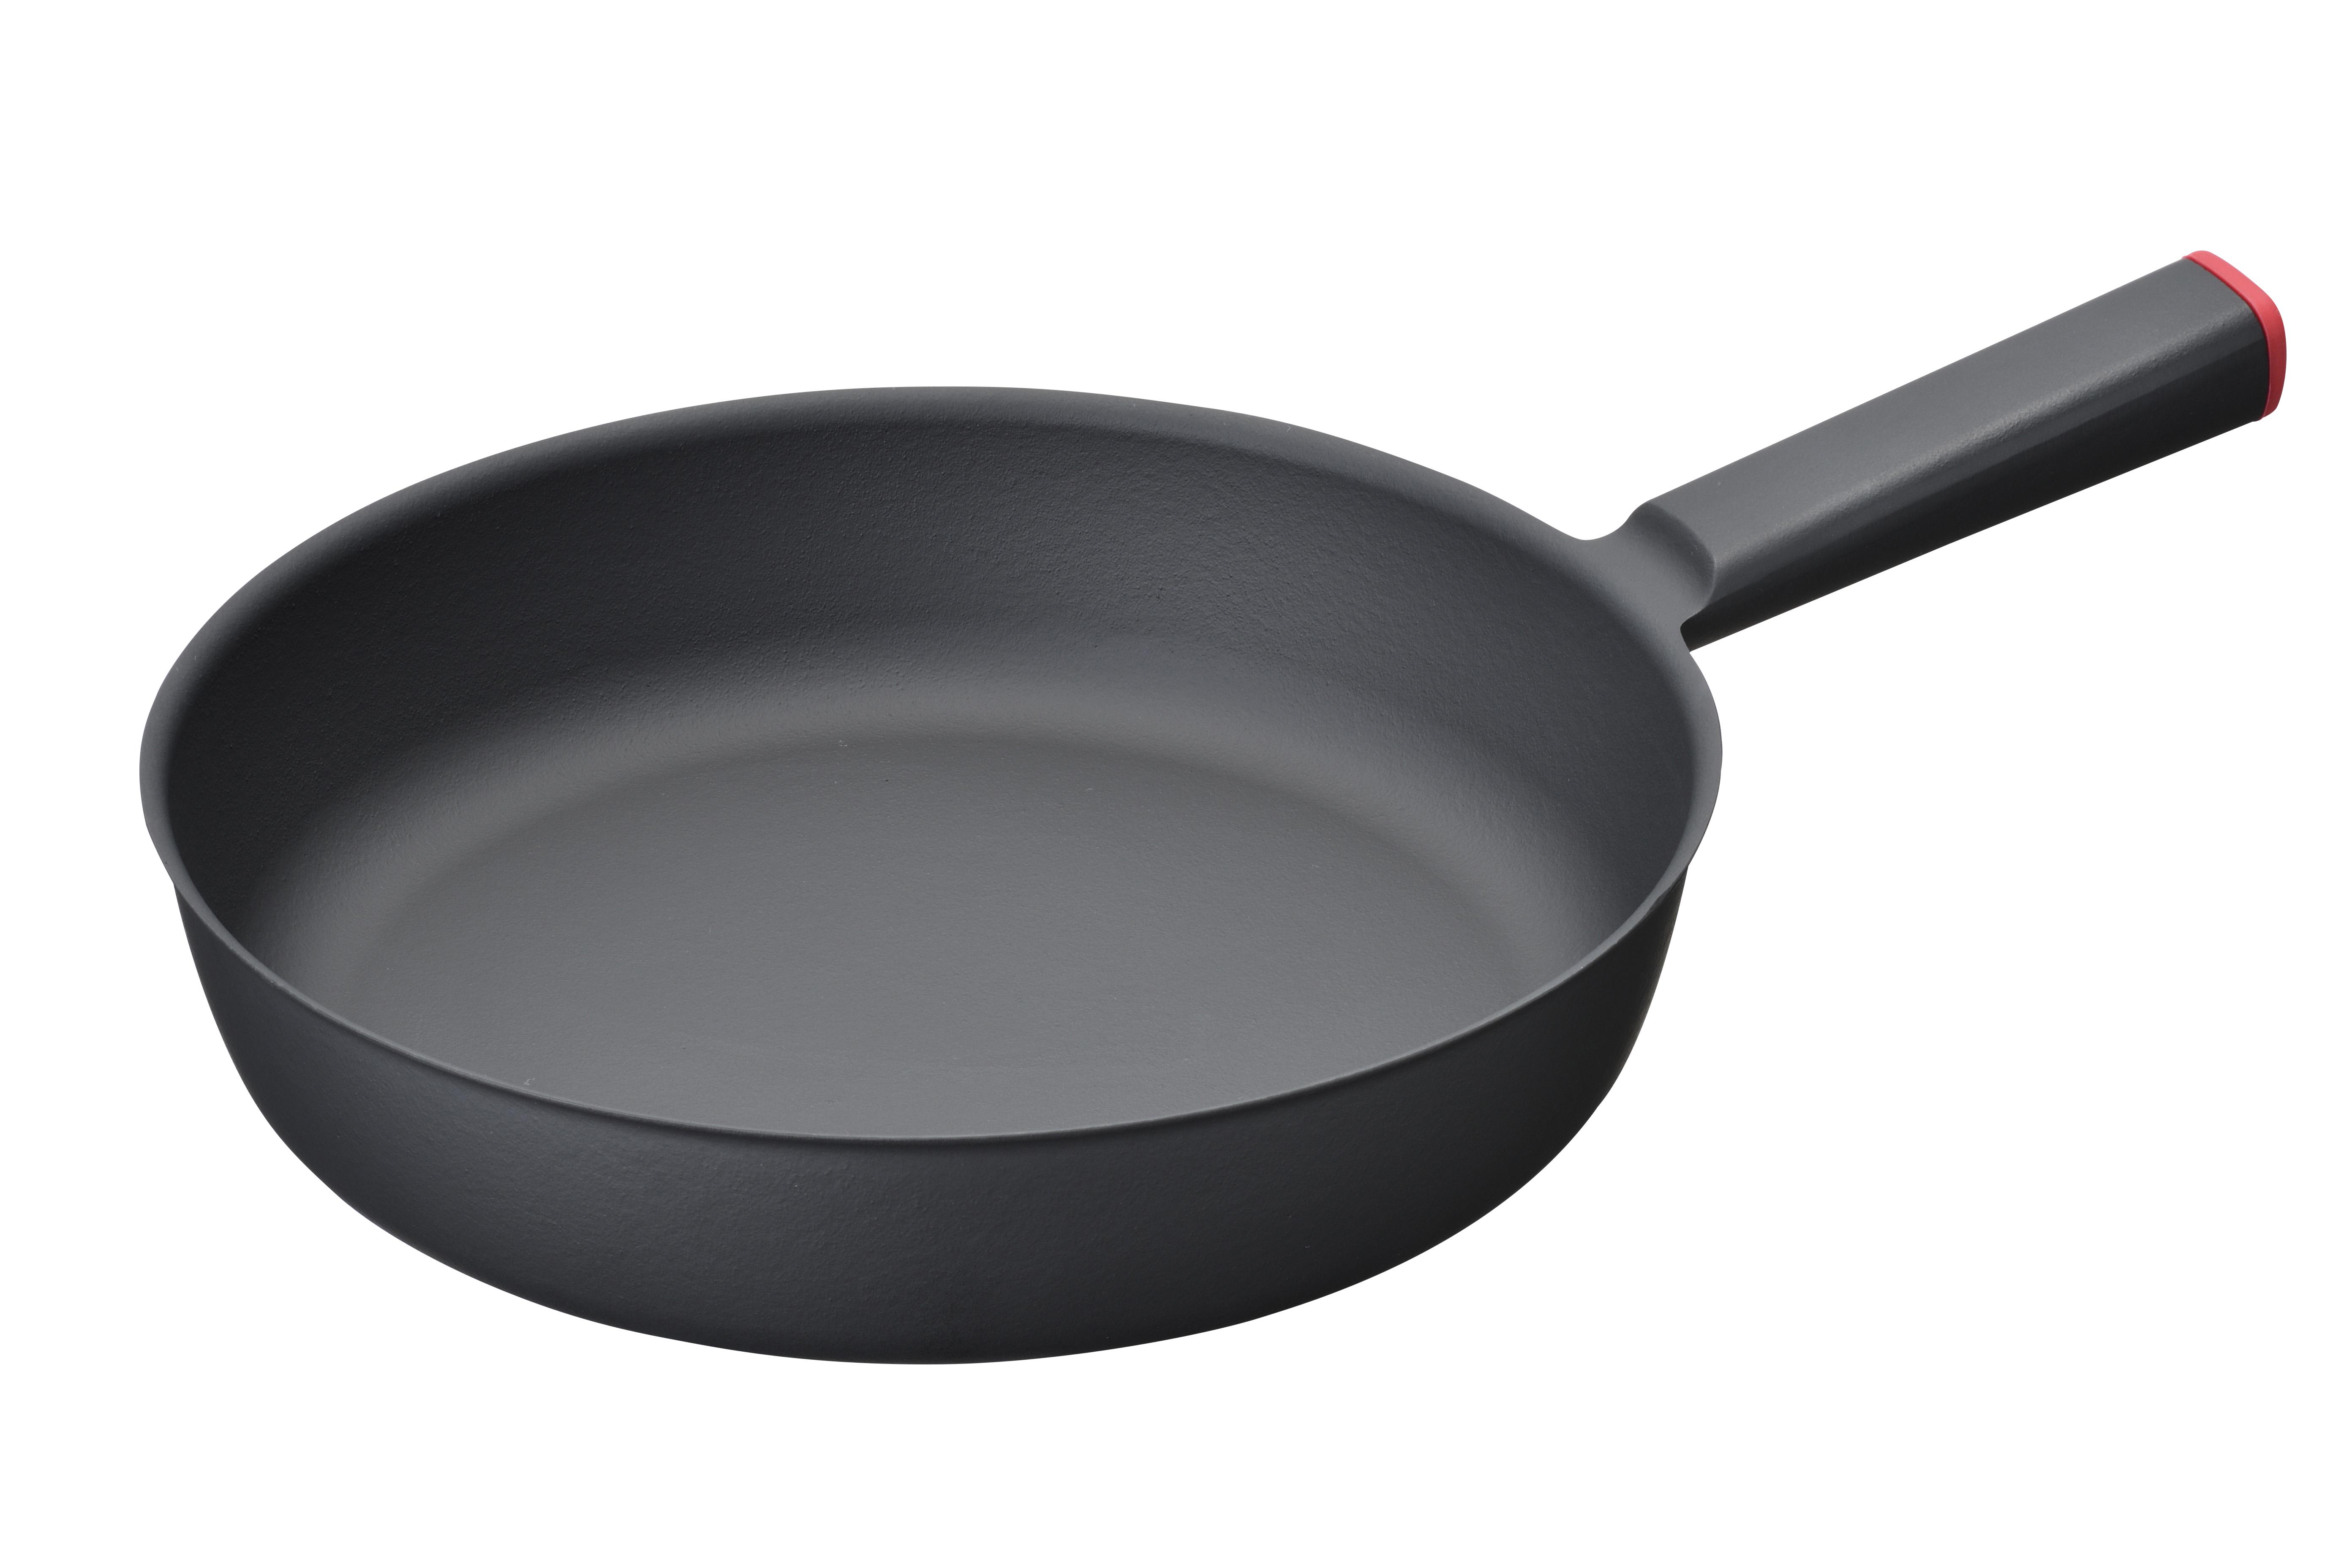 【三条特殊鋳工所】炒めやすく煮込みやすい鋳物フライパン 26センチ 約26×40cm・重量約1.1kg 赤